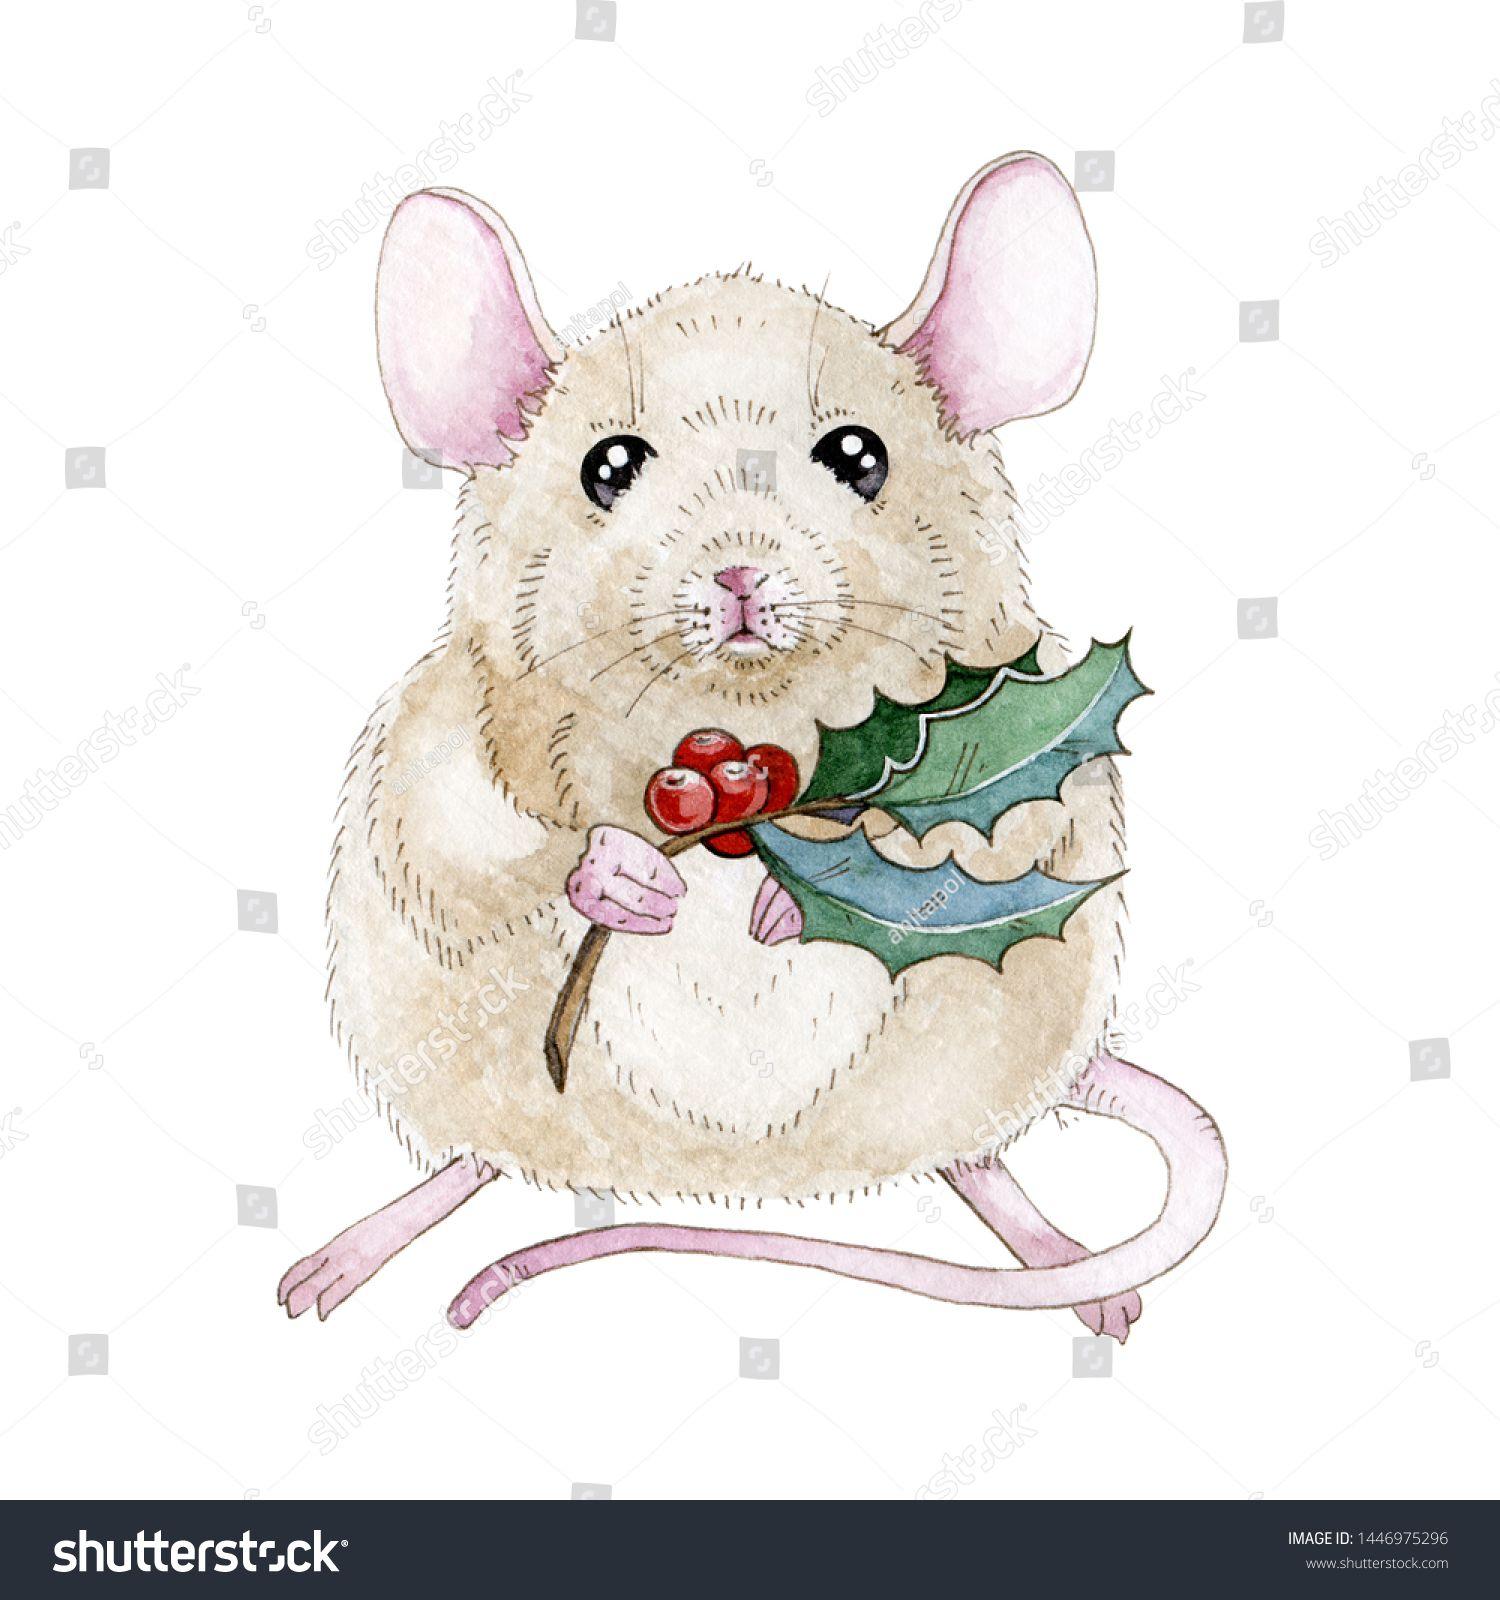 Стоковая иллюстрация «Watercolor Mouse Rat Illustration Nice Christmas», 1446975296